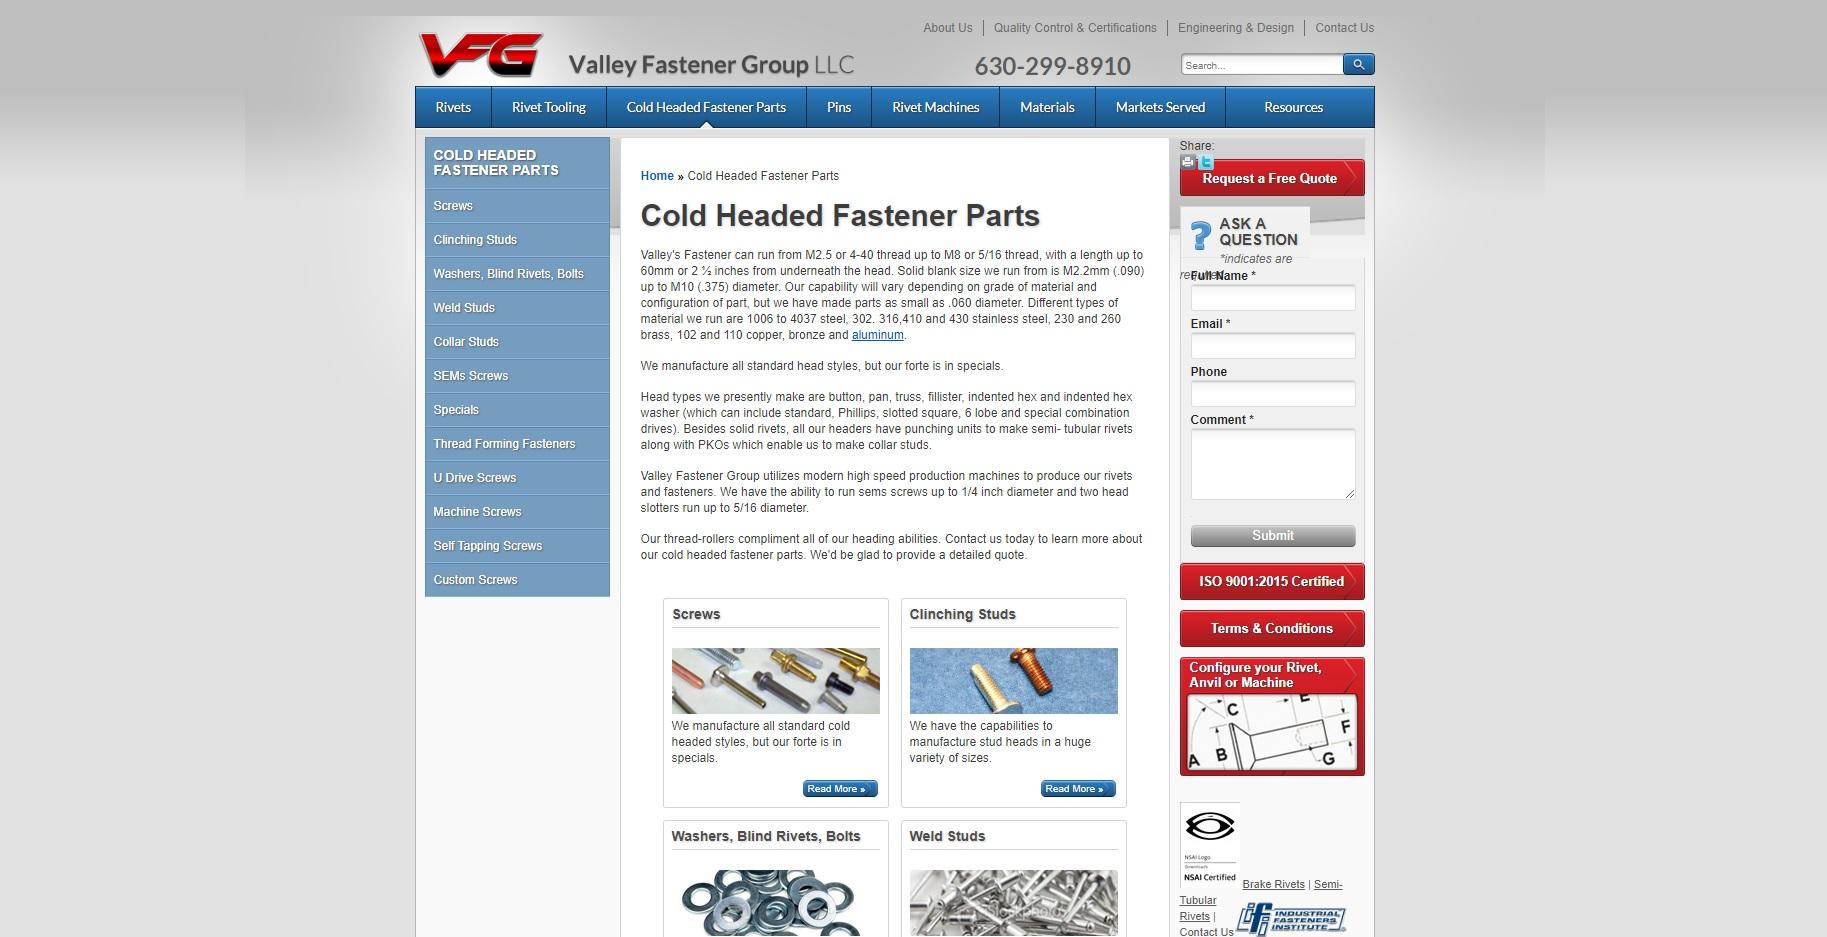 Valley Fastener Group, LLC